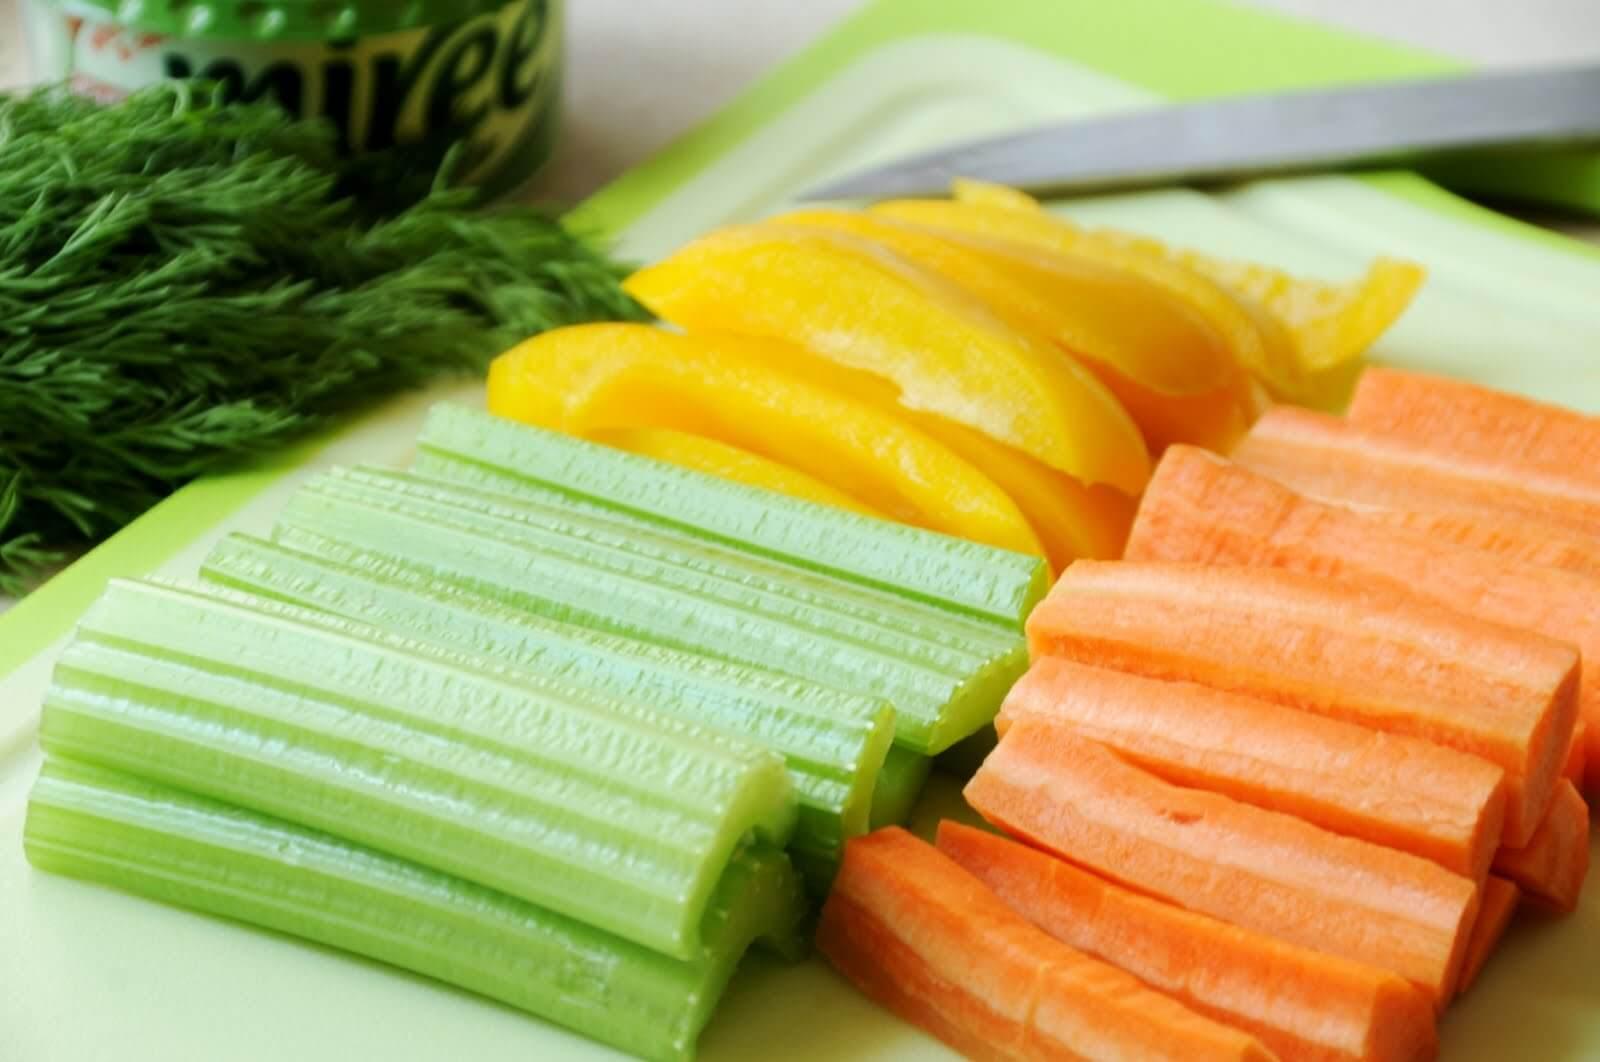 рецепты правильного питания для набора мышечной массы